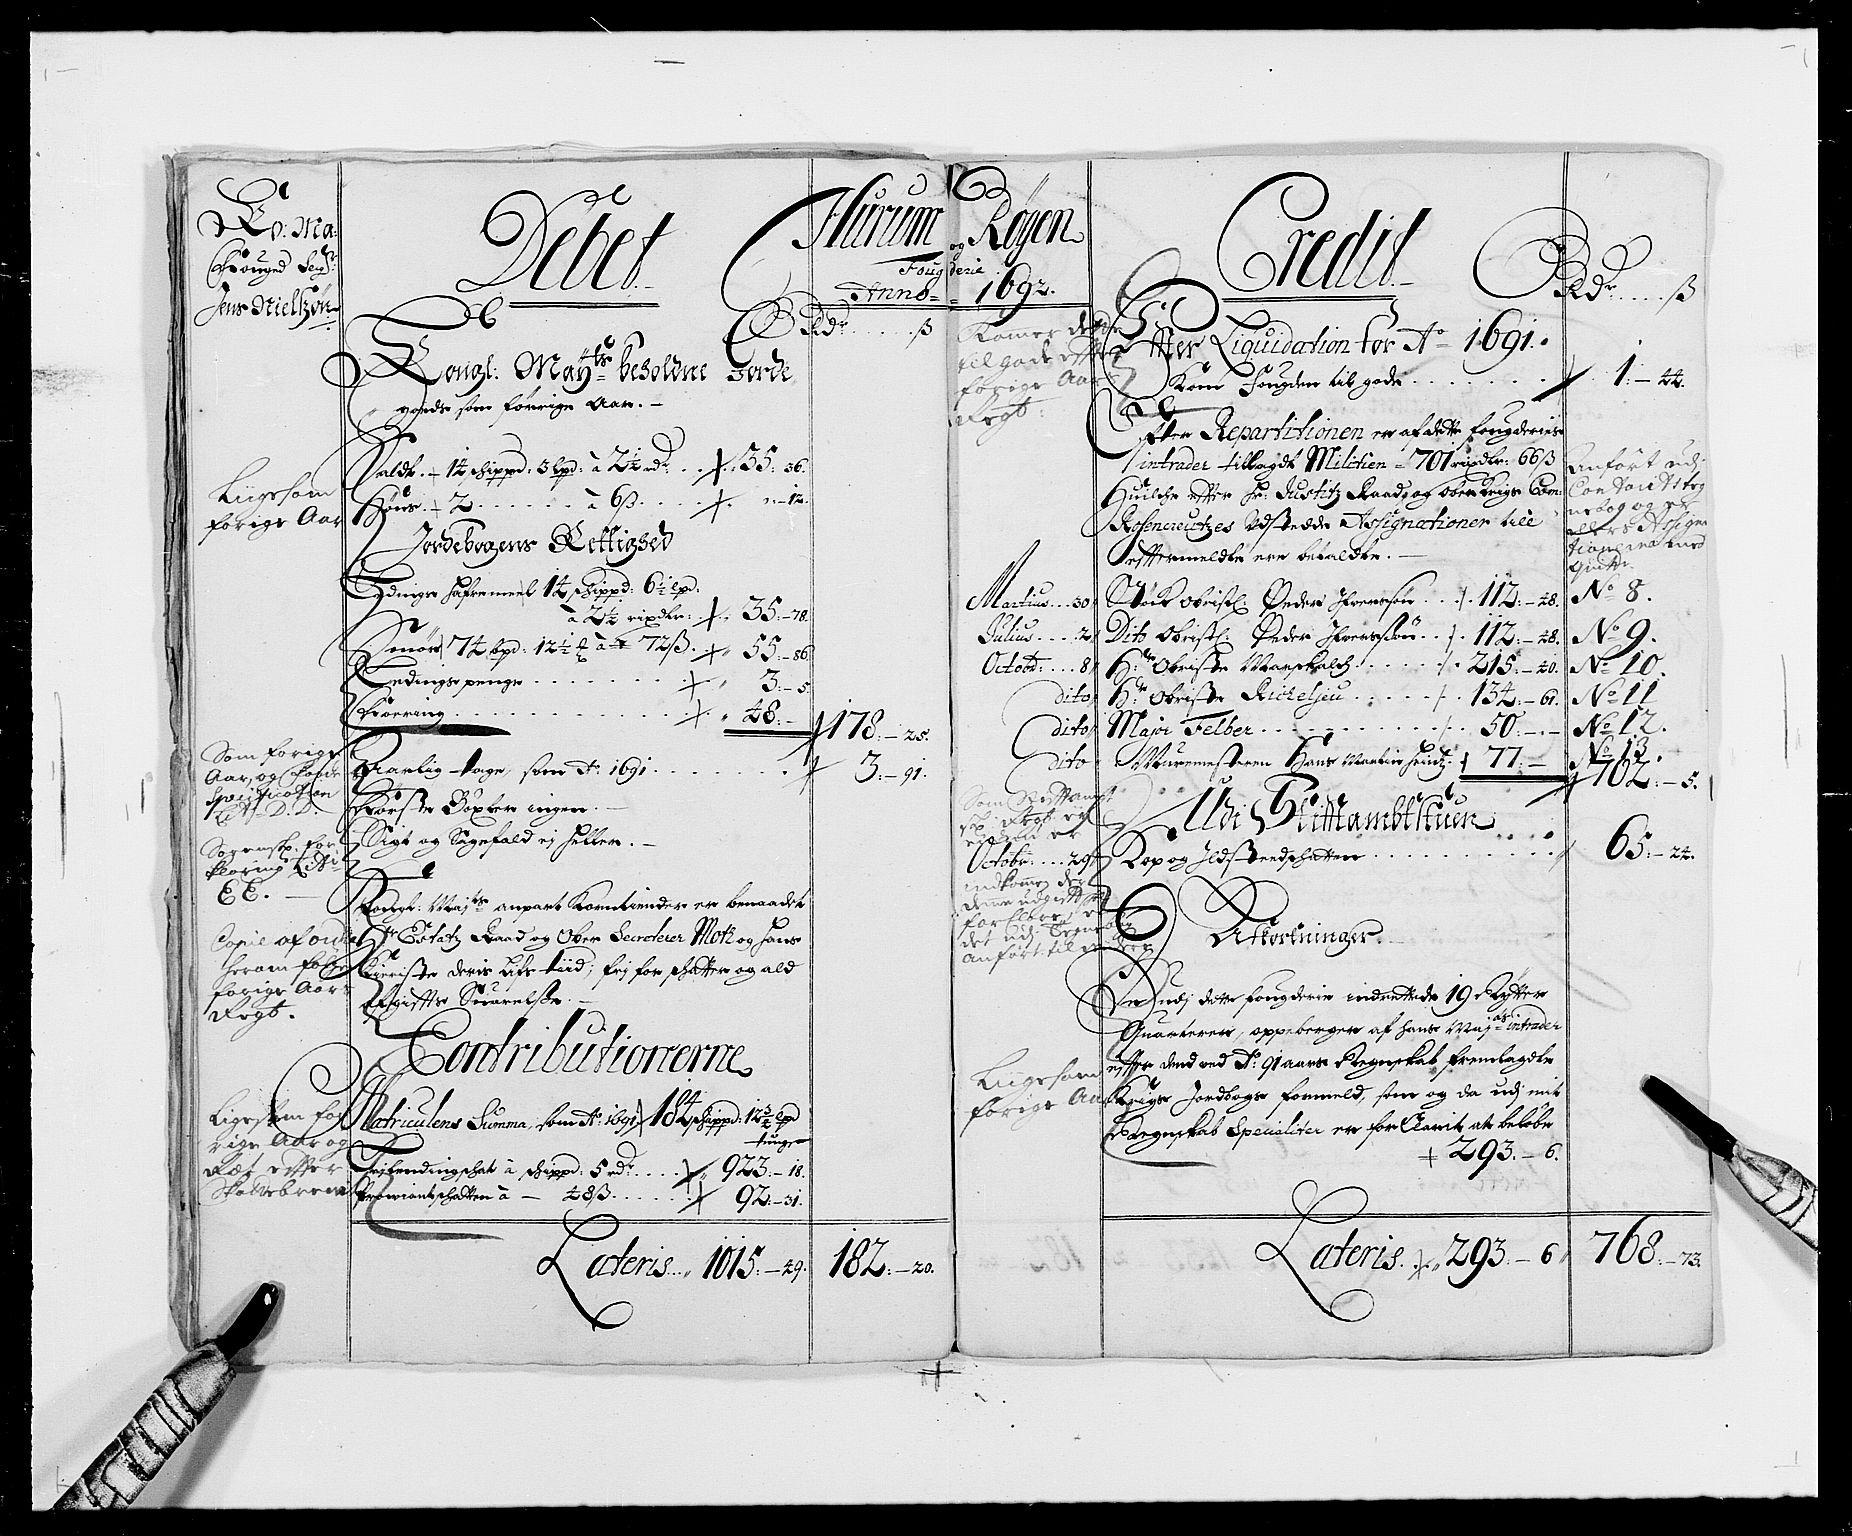 RA, Rentekammeret inntil 1814, Reviderte regnskaper, Fogderegnskap, R29/L1693: Fogderegnskap Hurum og Røyken, 1688-1693, s. 14